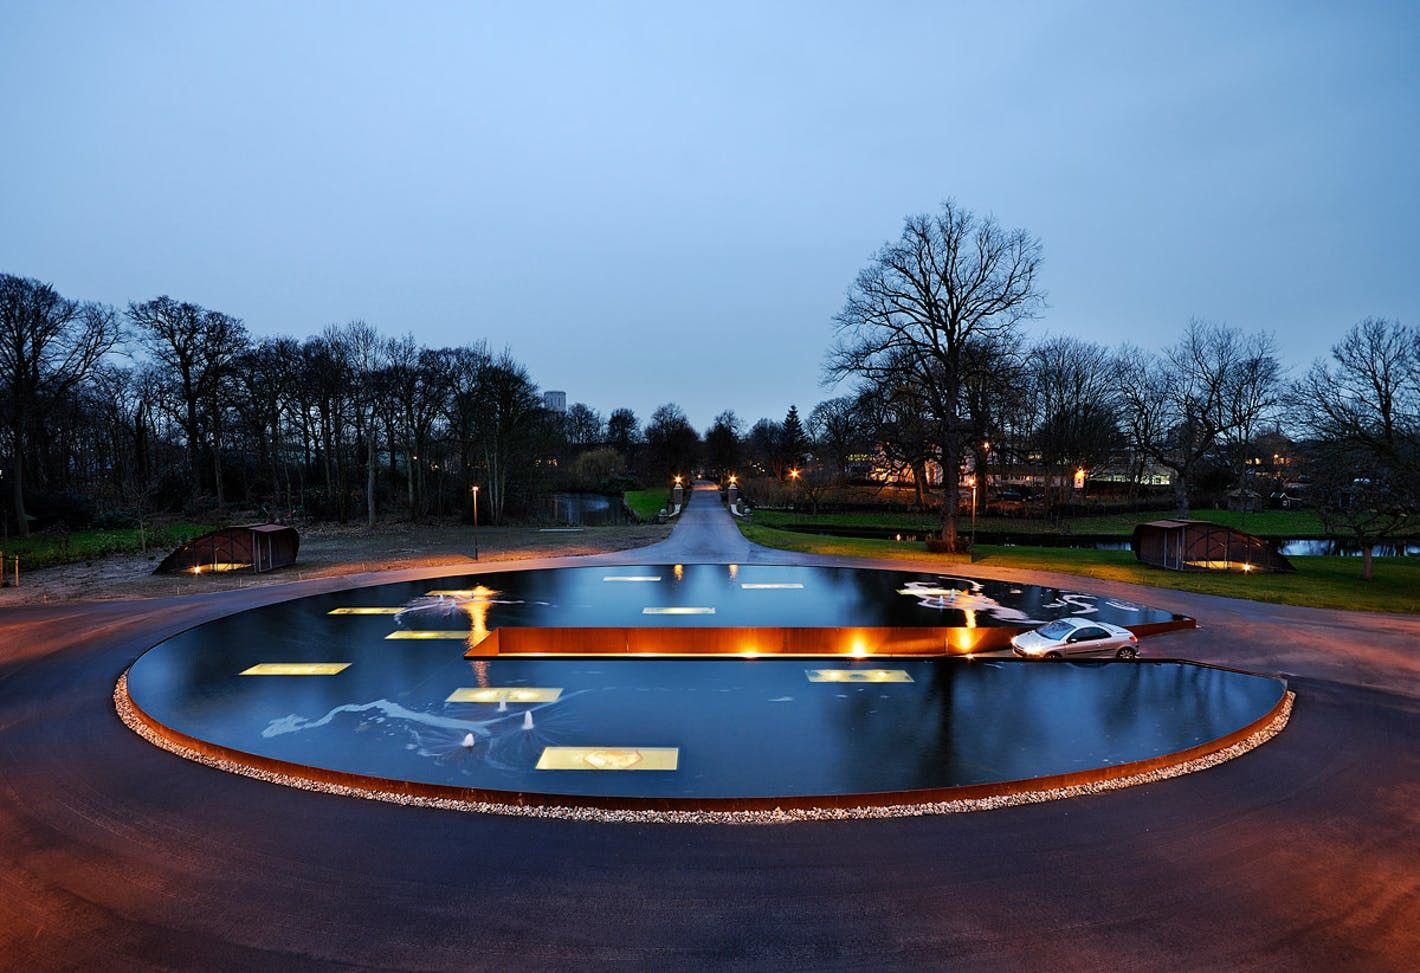 James Bond Style Pond And Parking Garage Entrance By Hosper Landscape Architecture Park Landscape Architecture